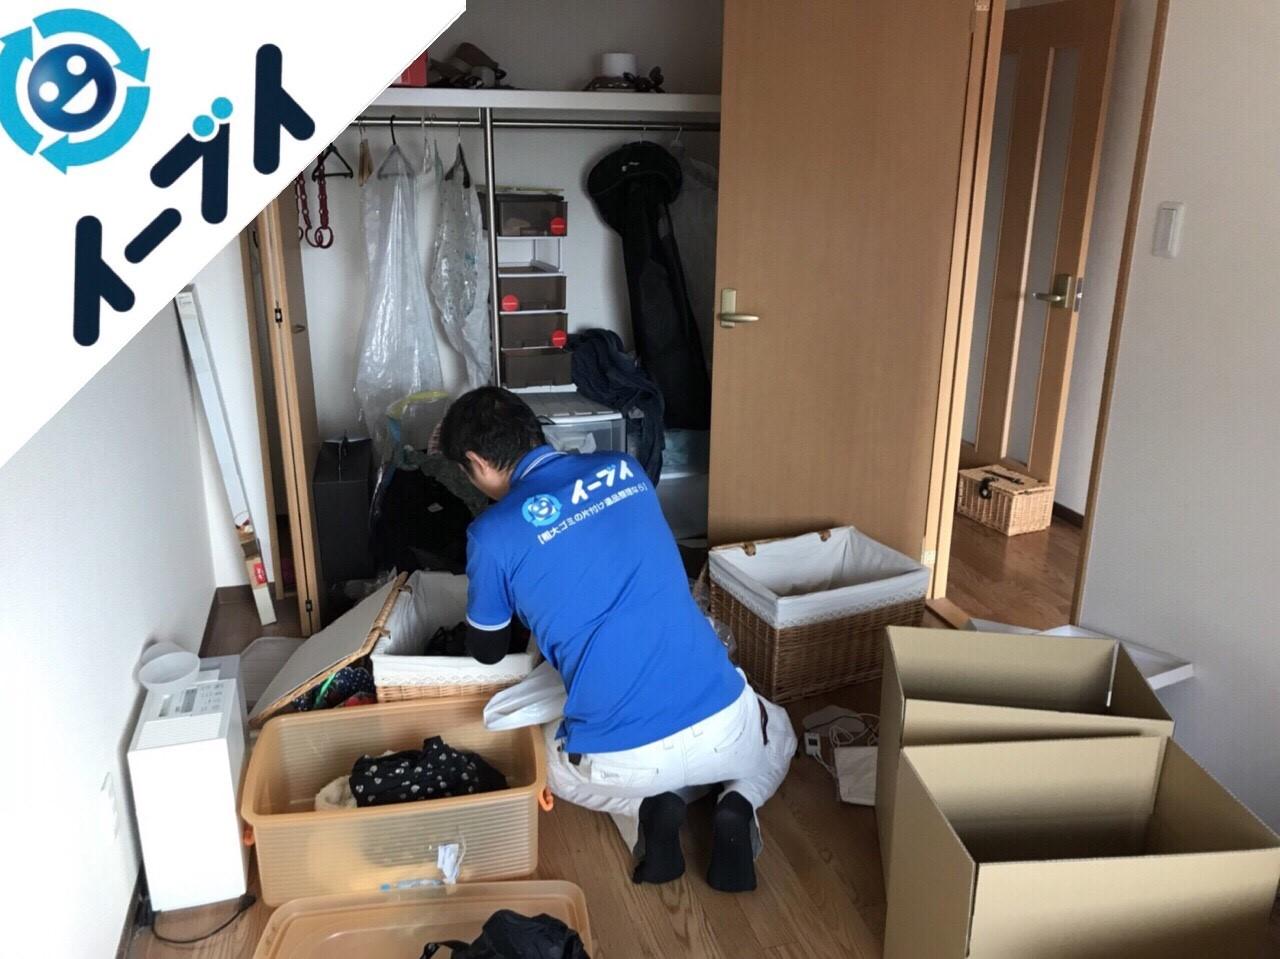 2018年5月10日大阪府泉大津市で衣類や家電製品の粗大ゴミを不用品回収しました。写真3